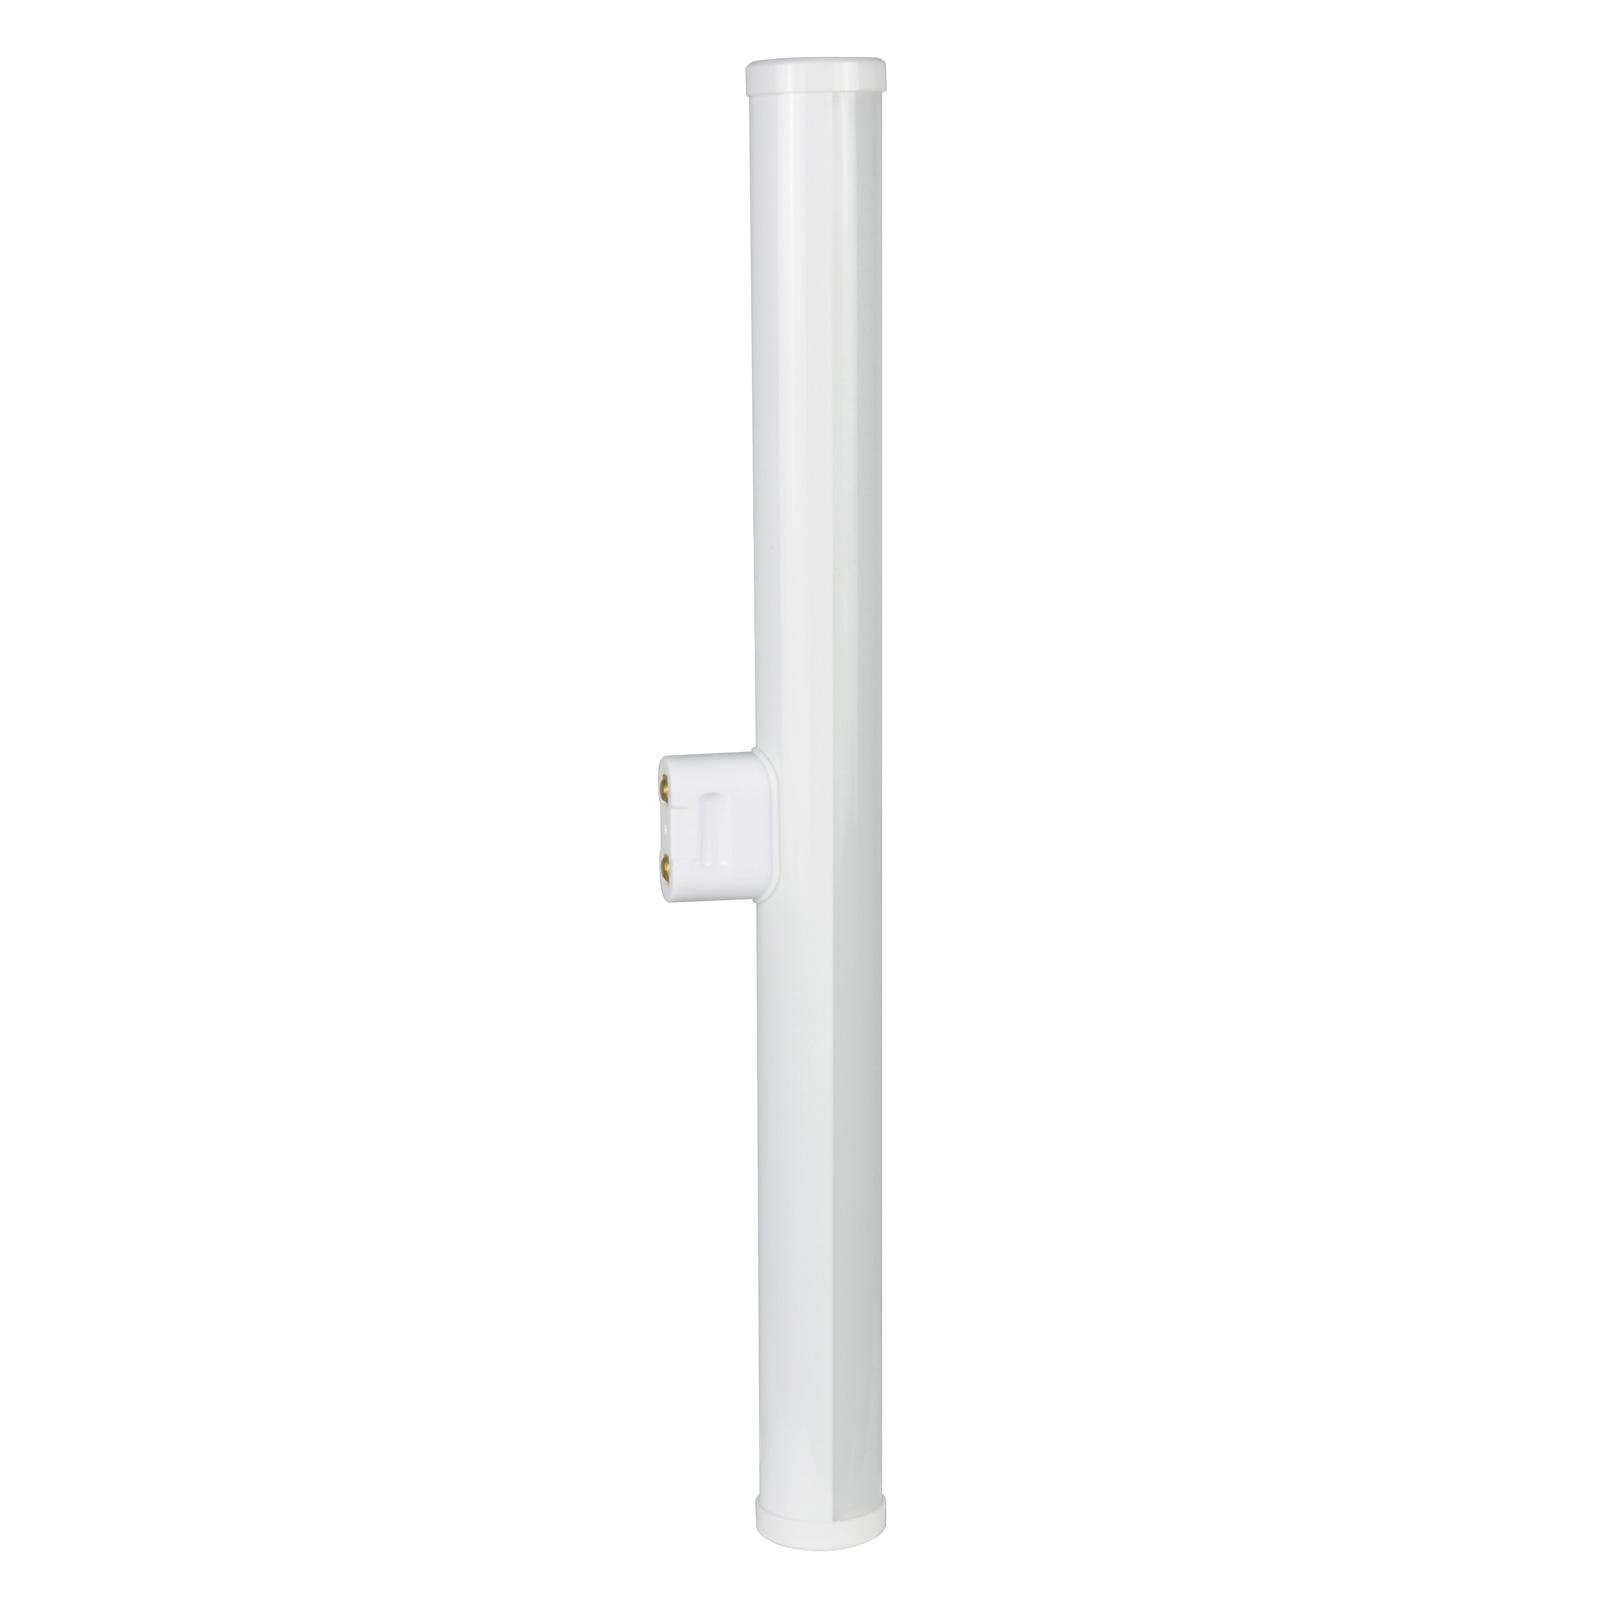 LED-loisteputki S14d 3,5W 827 1-kantainen 300mm